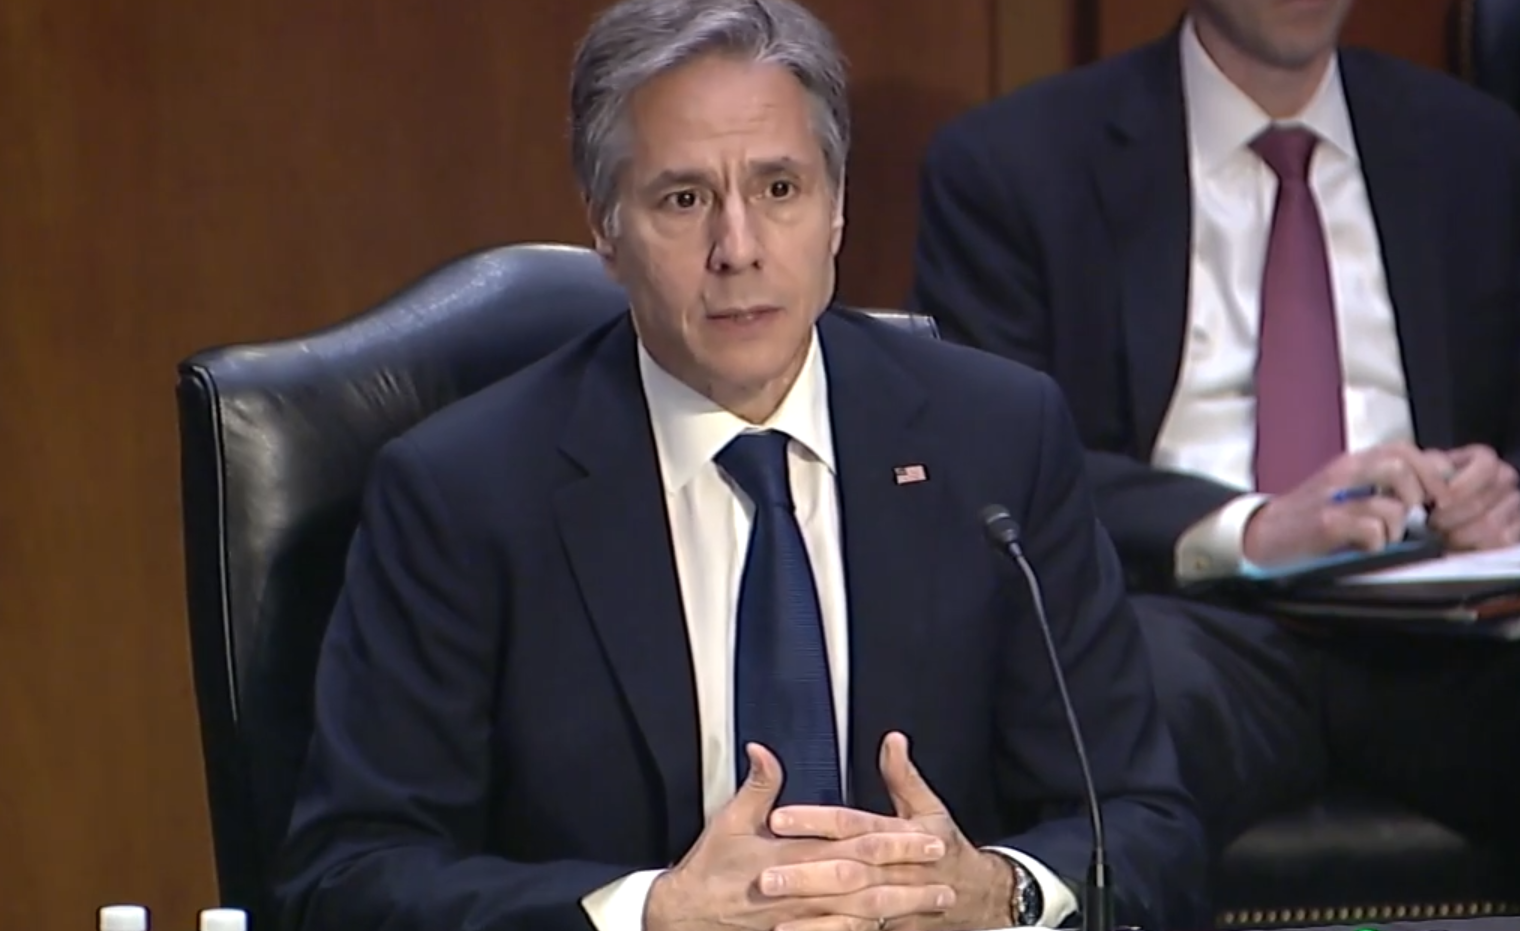 美国务卿参加国会2022财年预算听证会 又搬出了中国